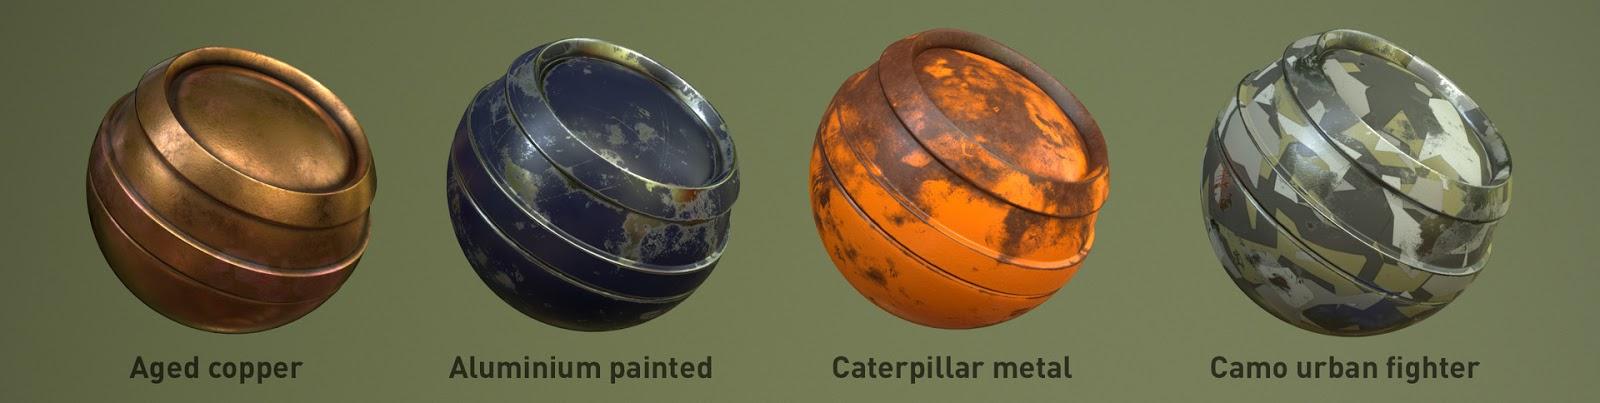 Blender Crystal Ball Glass